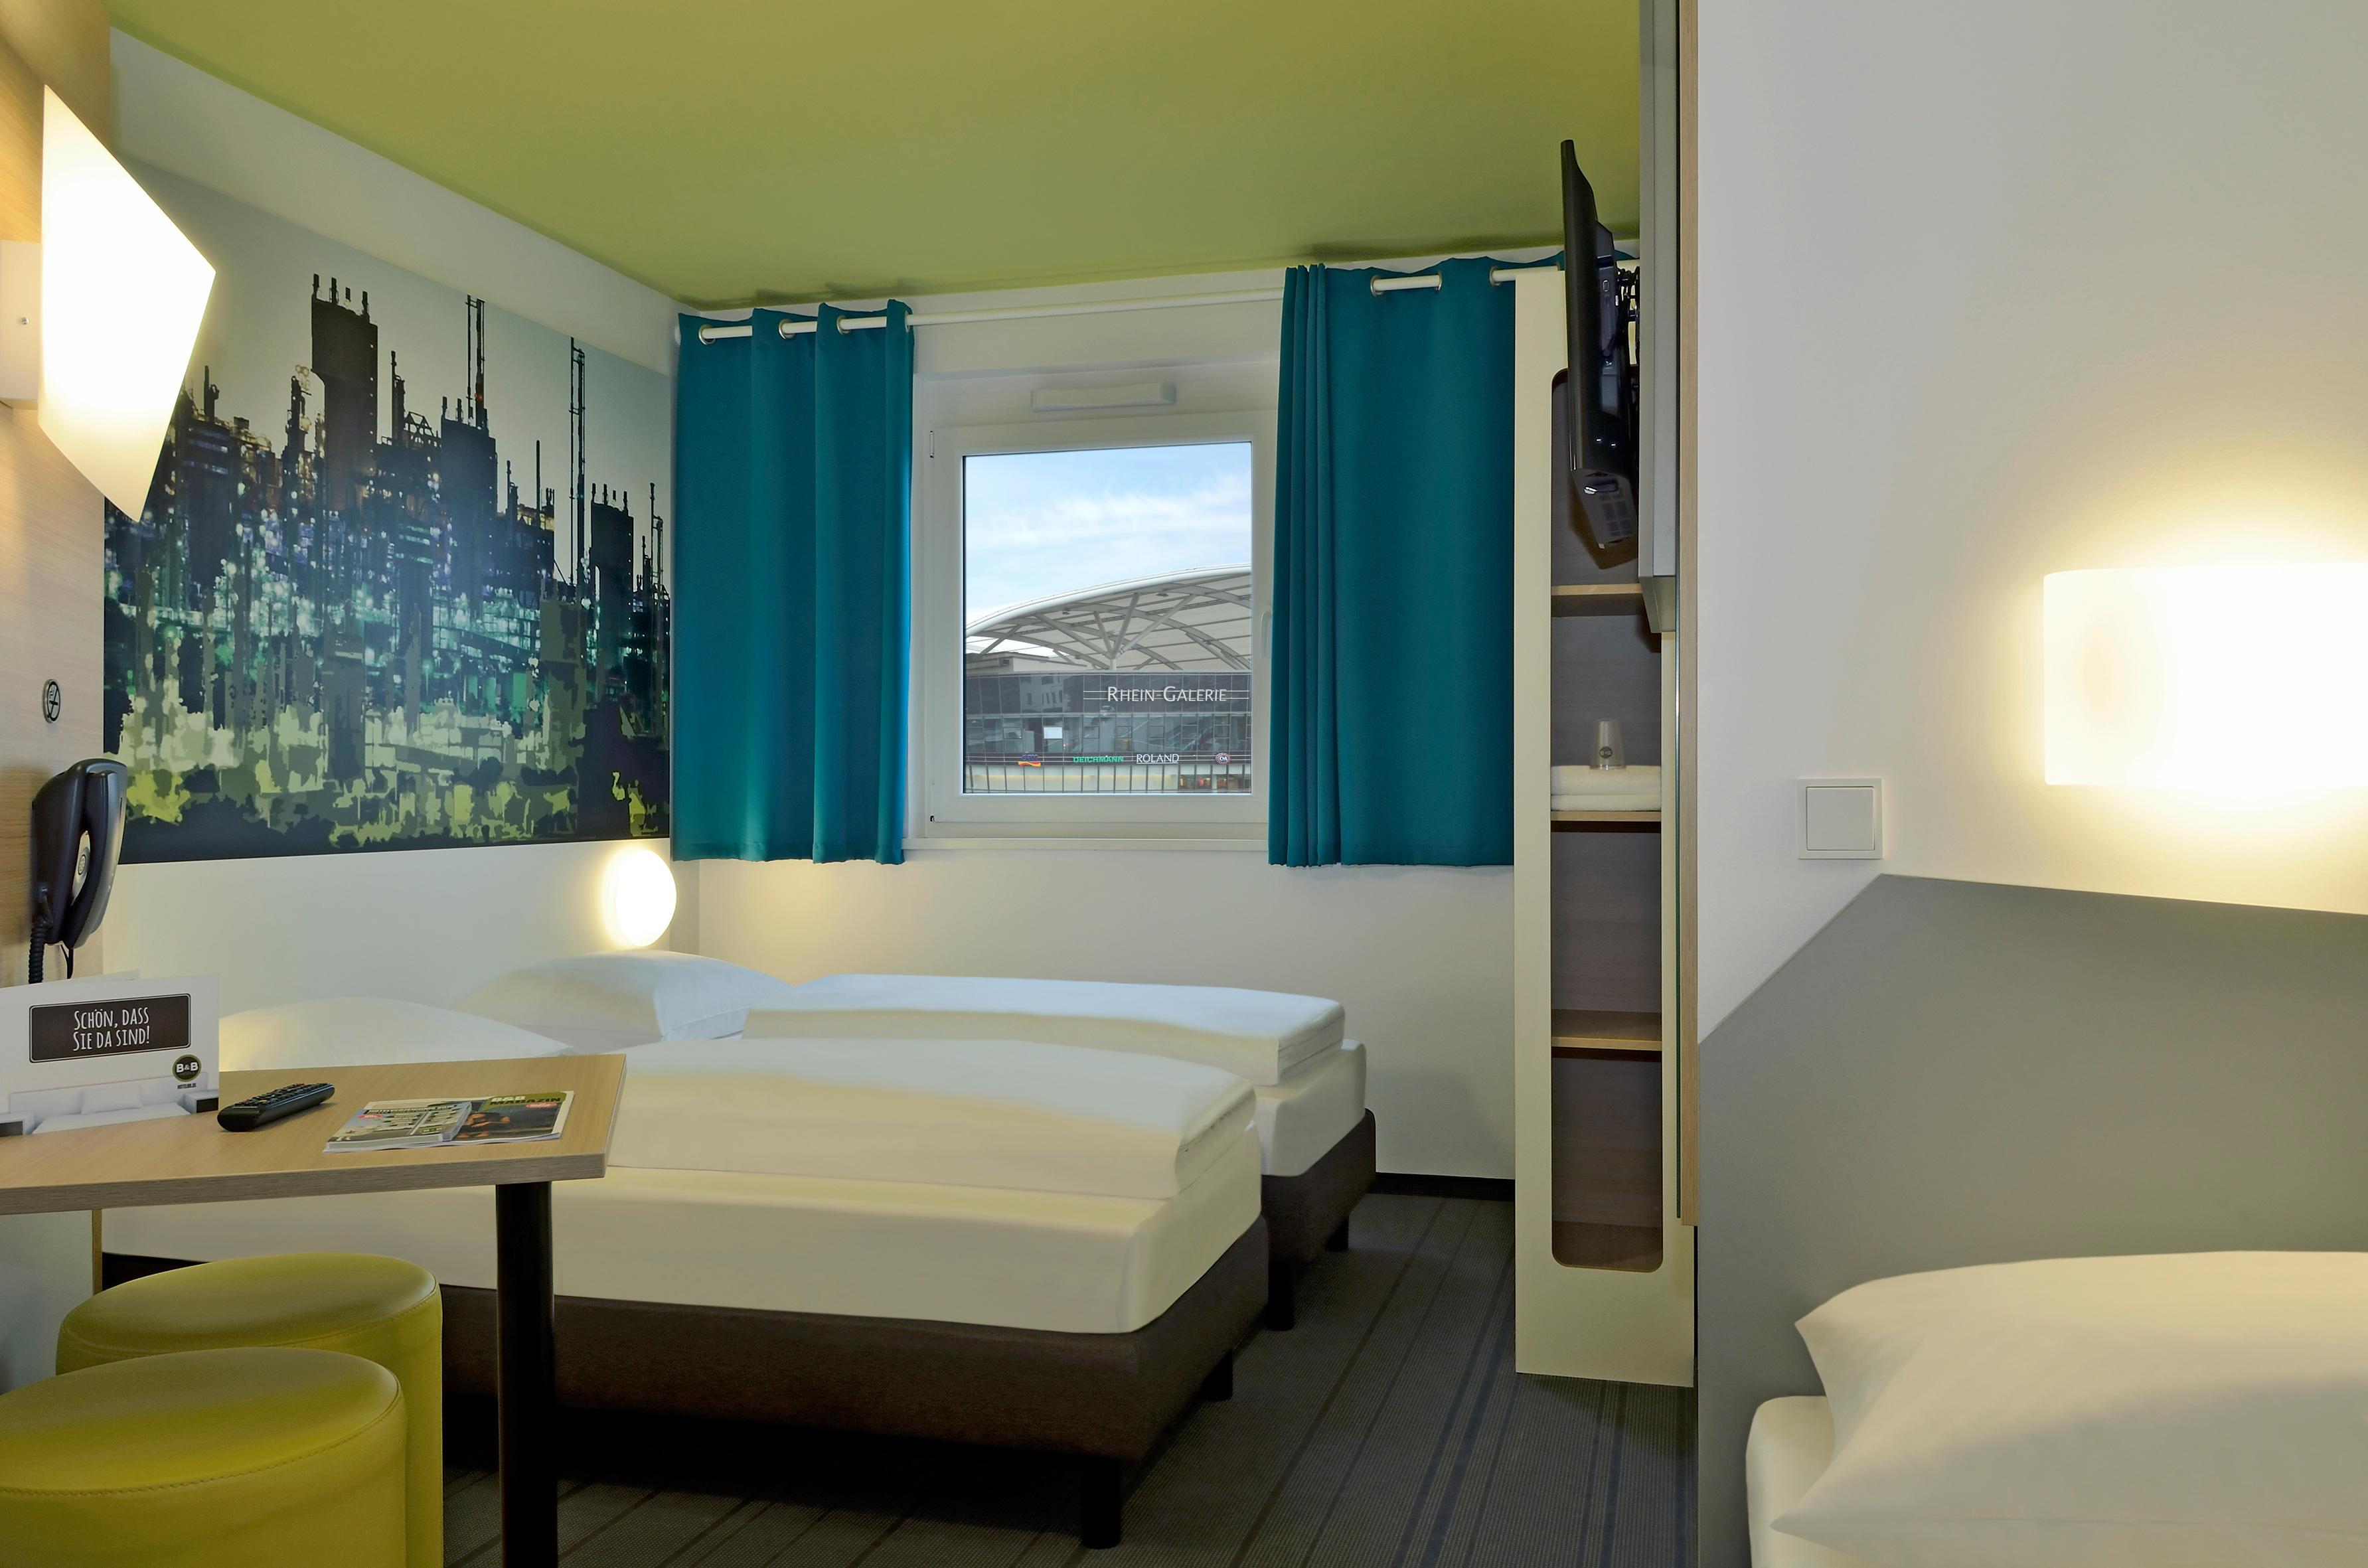 B&B Hotel Ludwigshafen